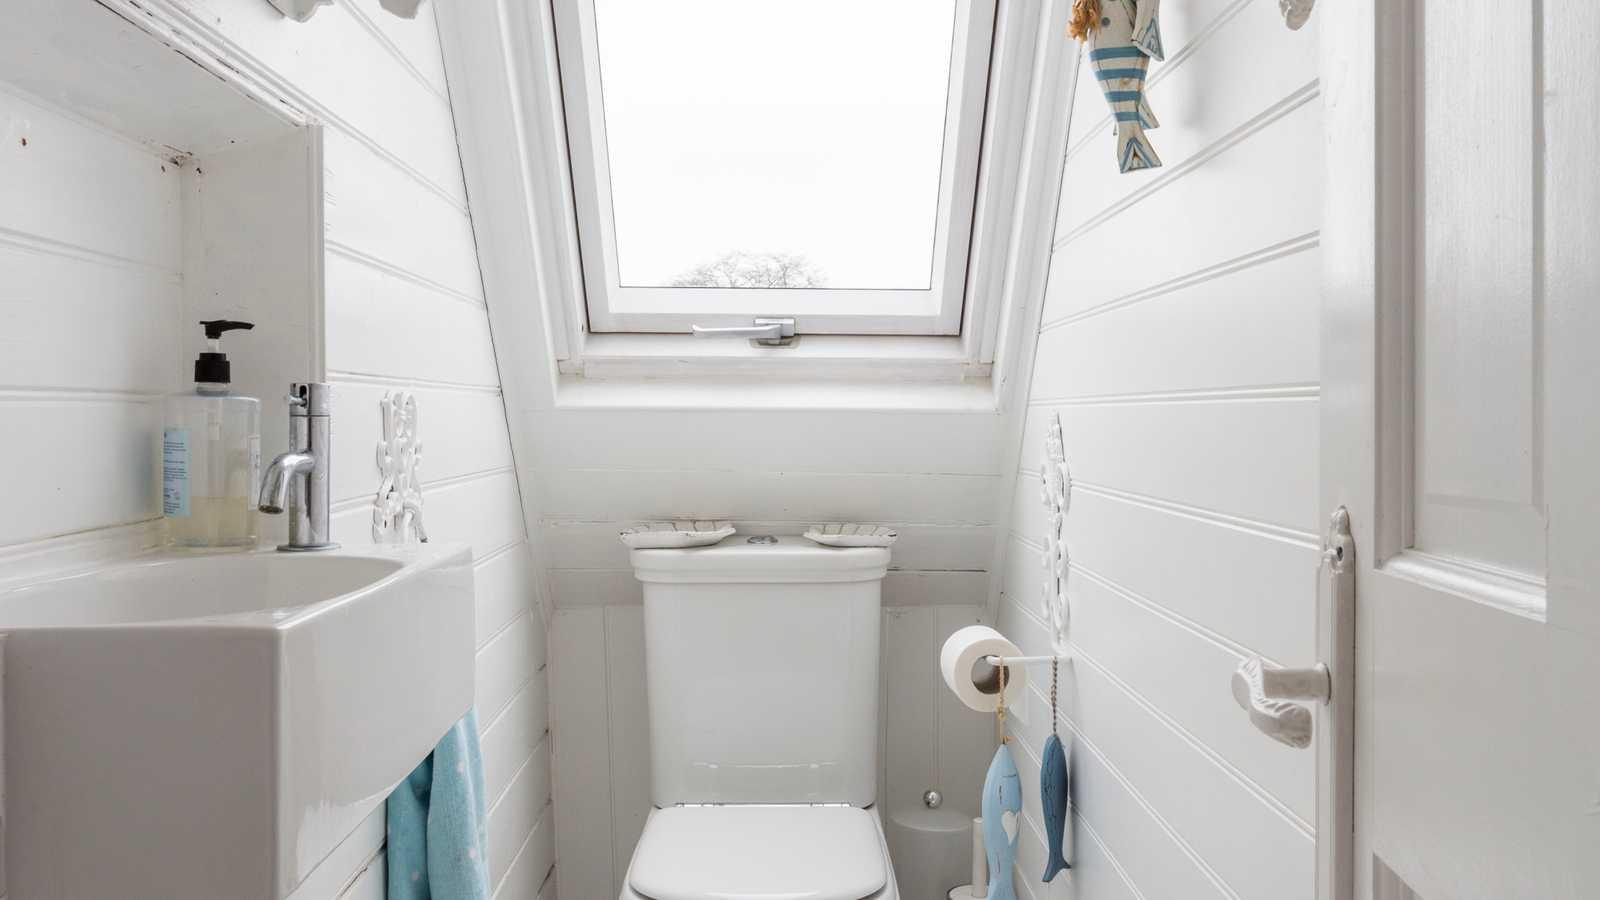 Attic toilet